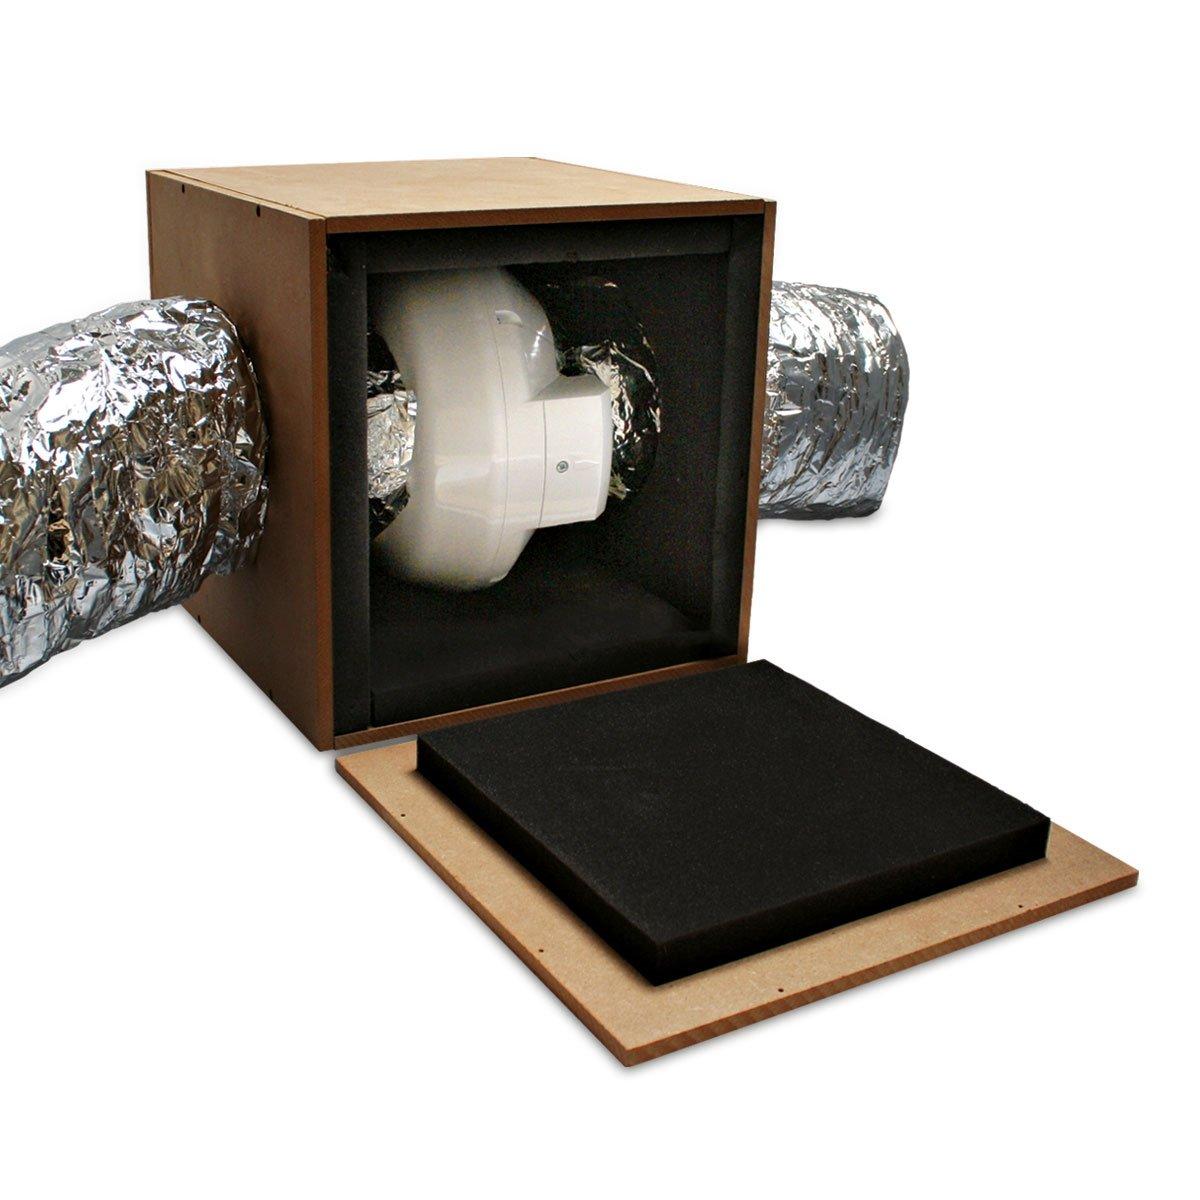 Caja de madera insonorizada Anti-Ruido para Extractor RVK/Ruck (200mm): Amazon.es: Hogar